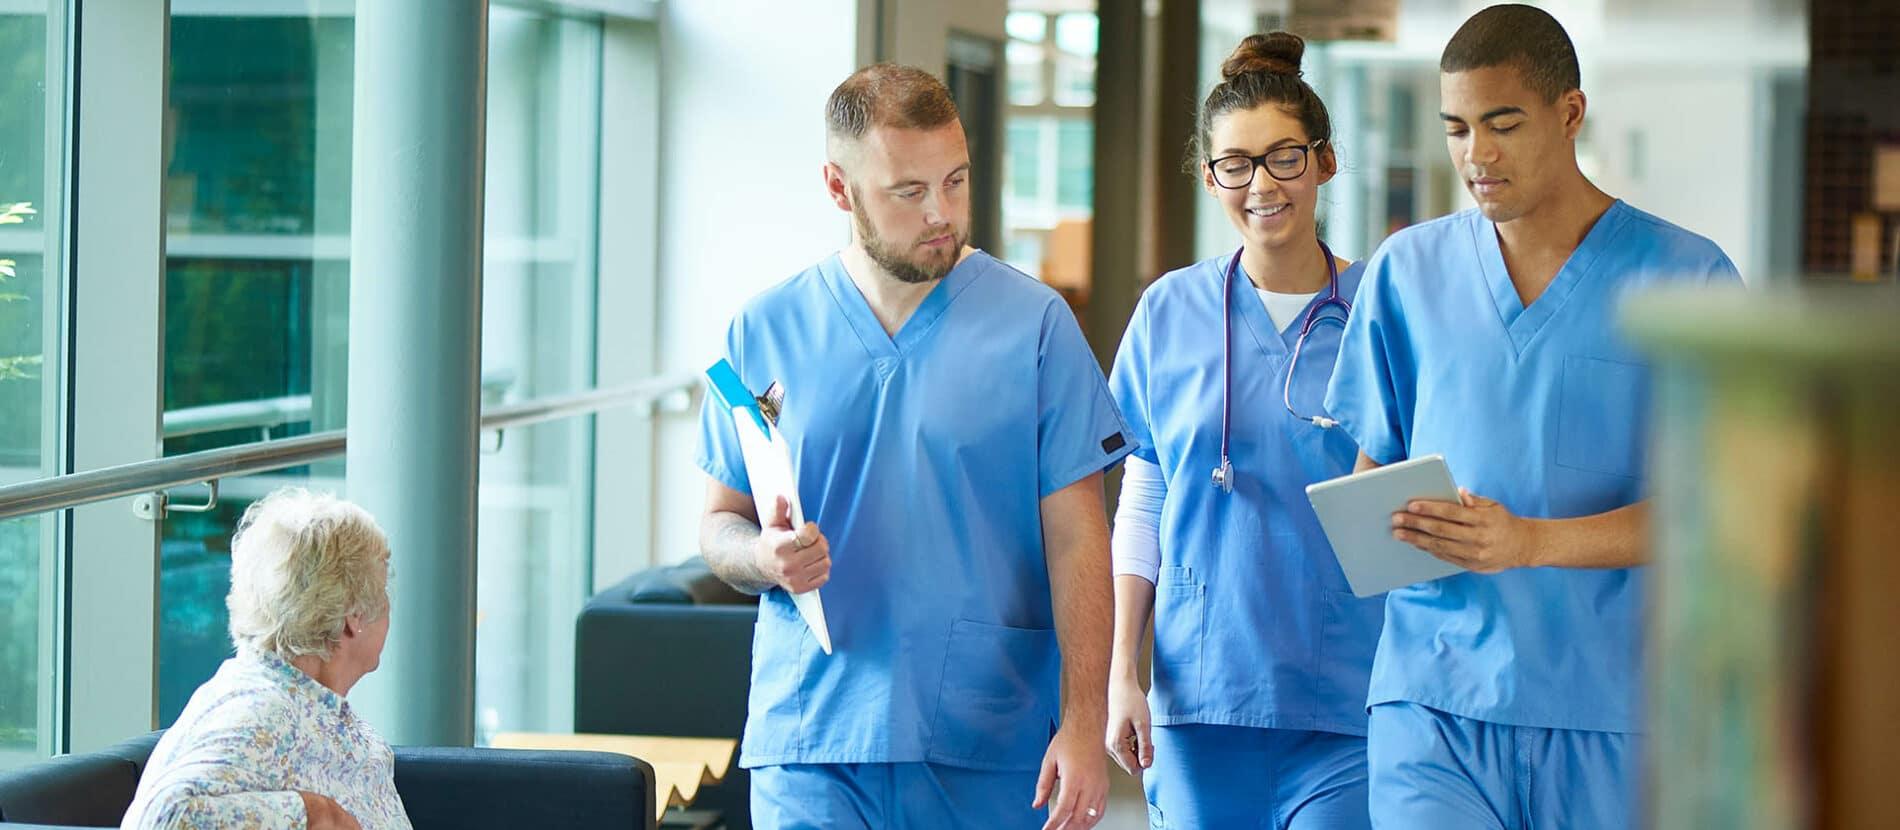 Trois médecins dans les couloirs d'un hôpital